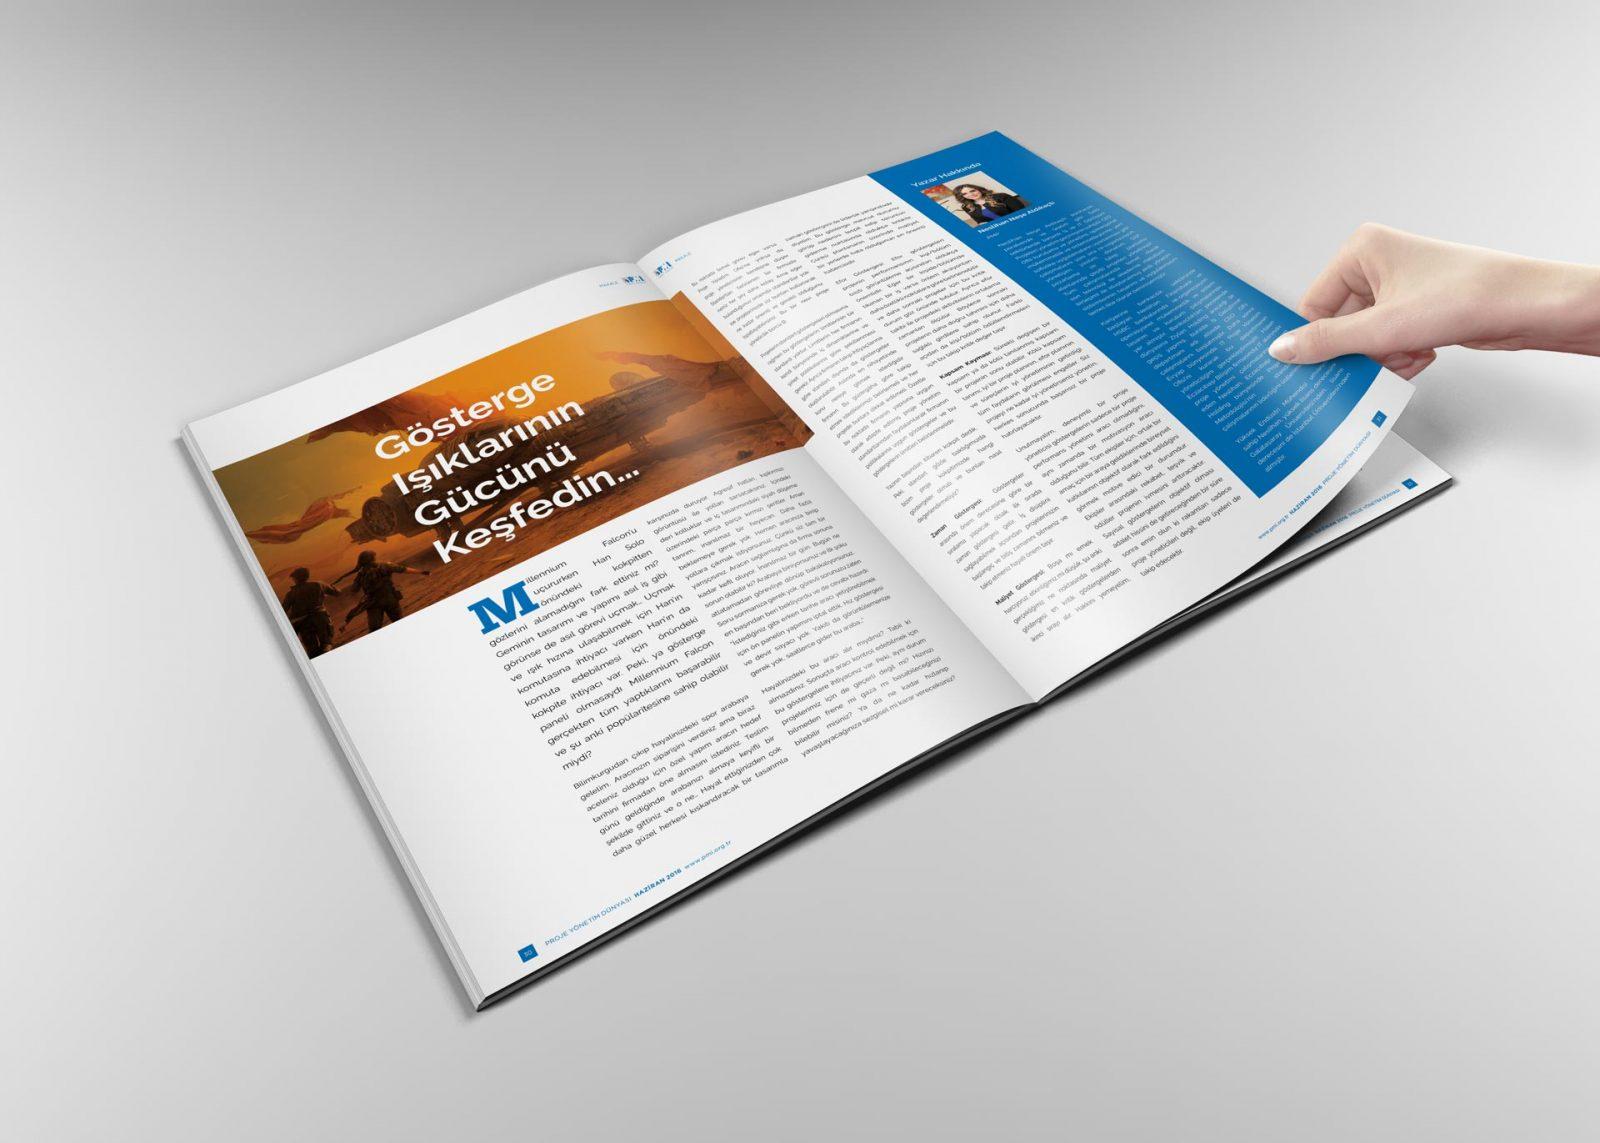 pmi tr dergi tasarımı 09